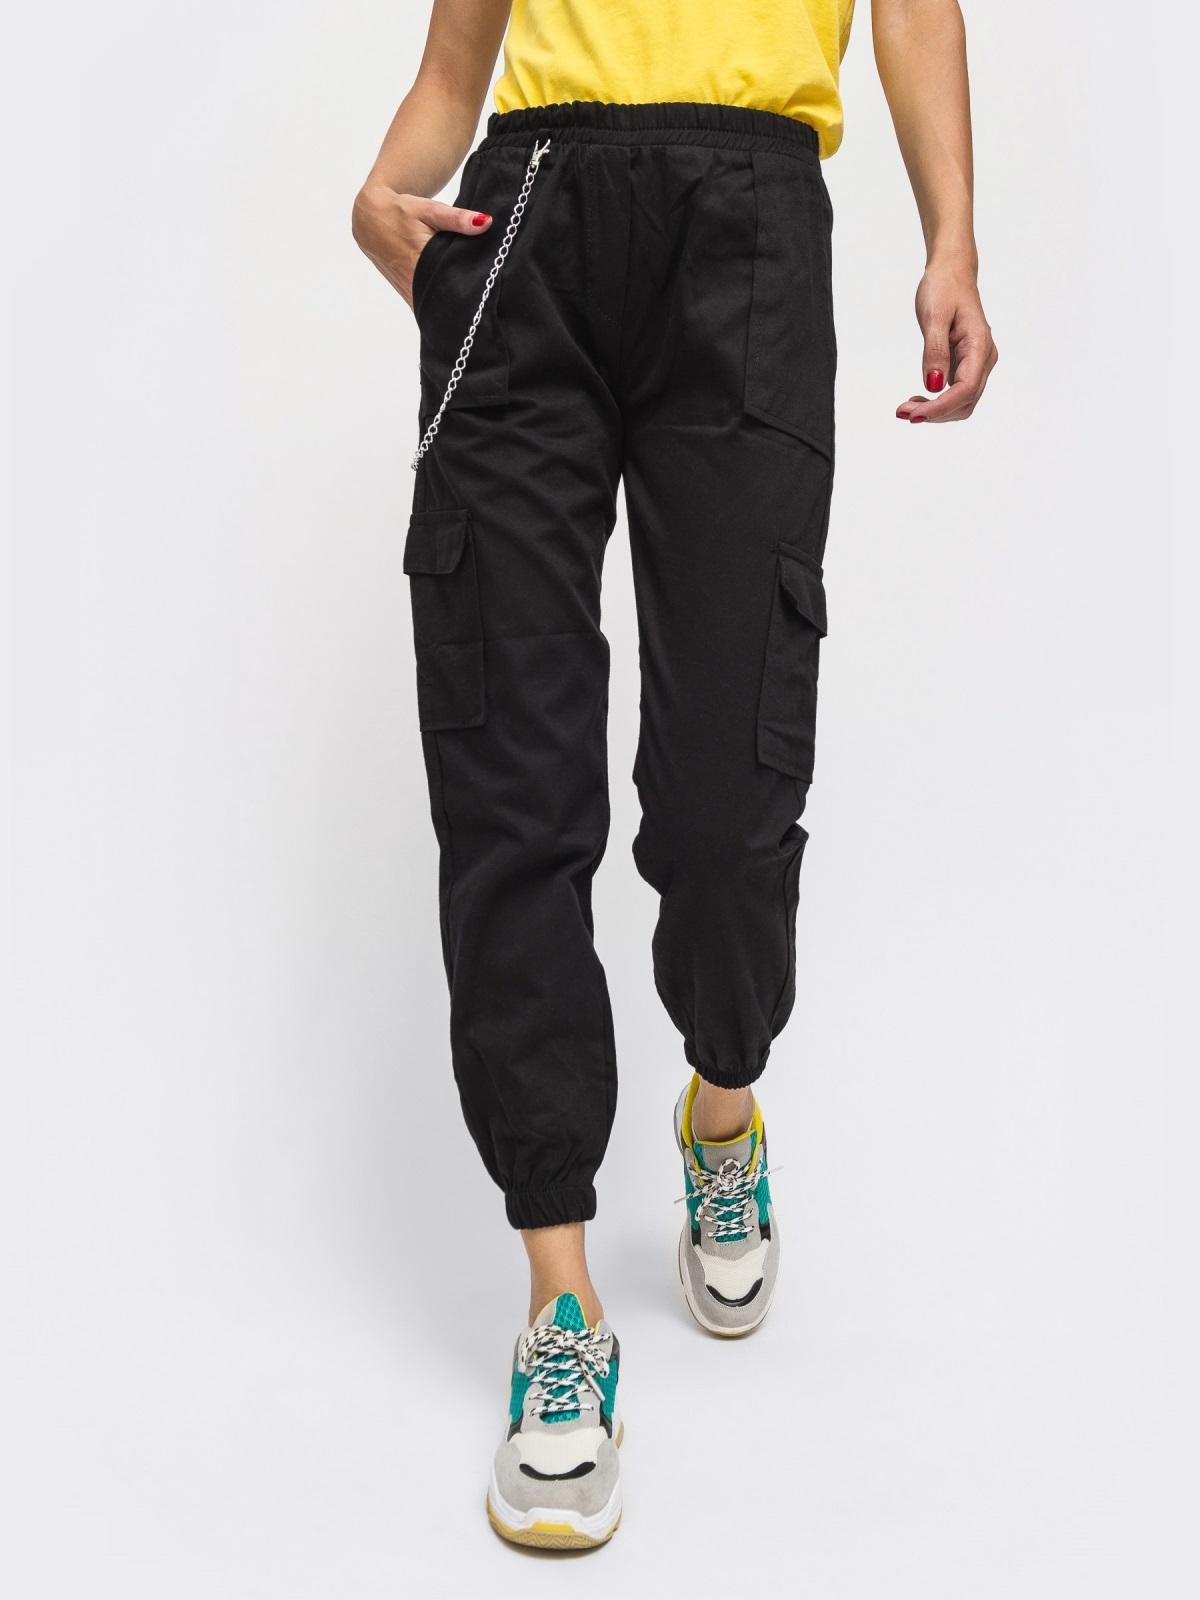 Джинсы с накладными карманами и резинкой по талии чёрные - 41899, фото 1 – интернет-магазин Dressa